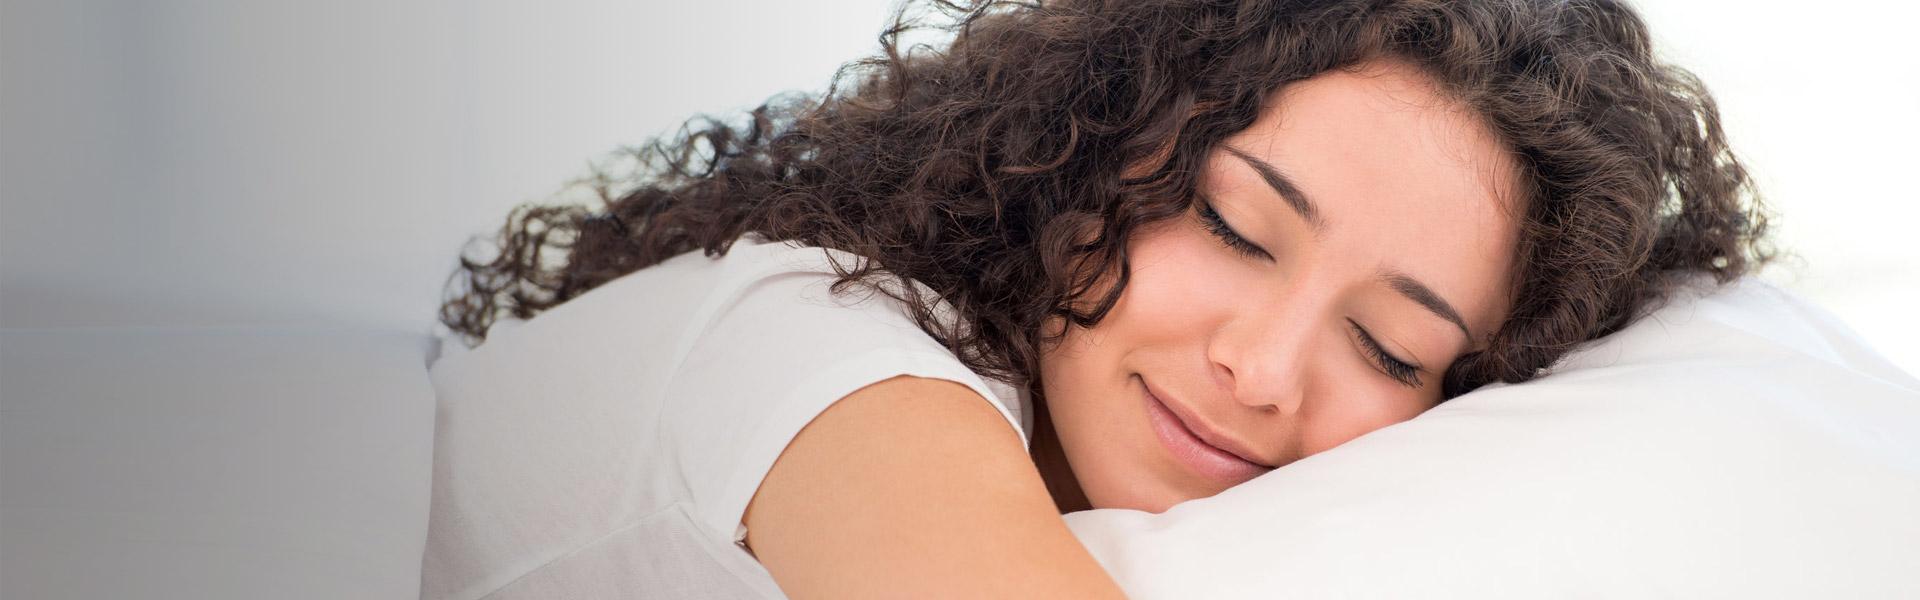 Schöne Zähne im Schlaf